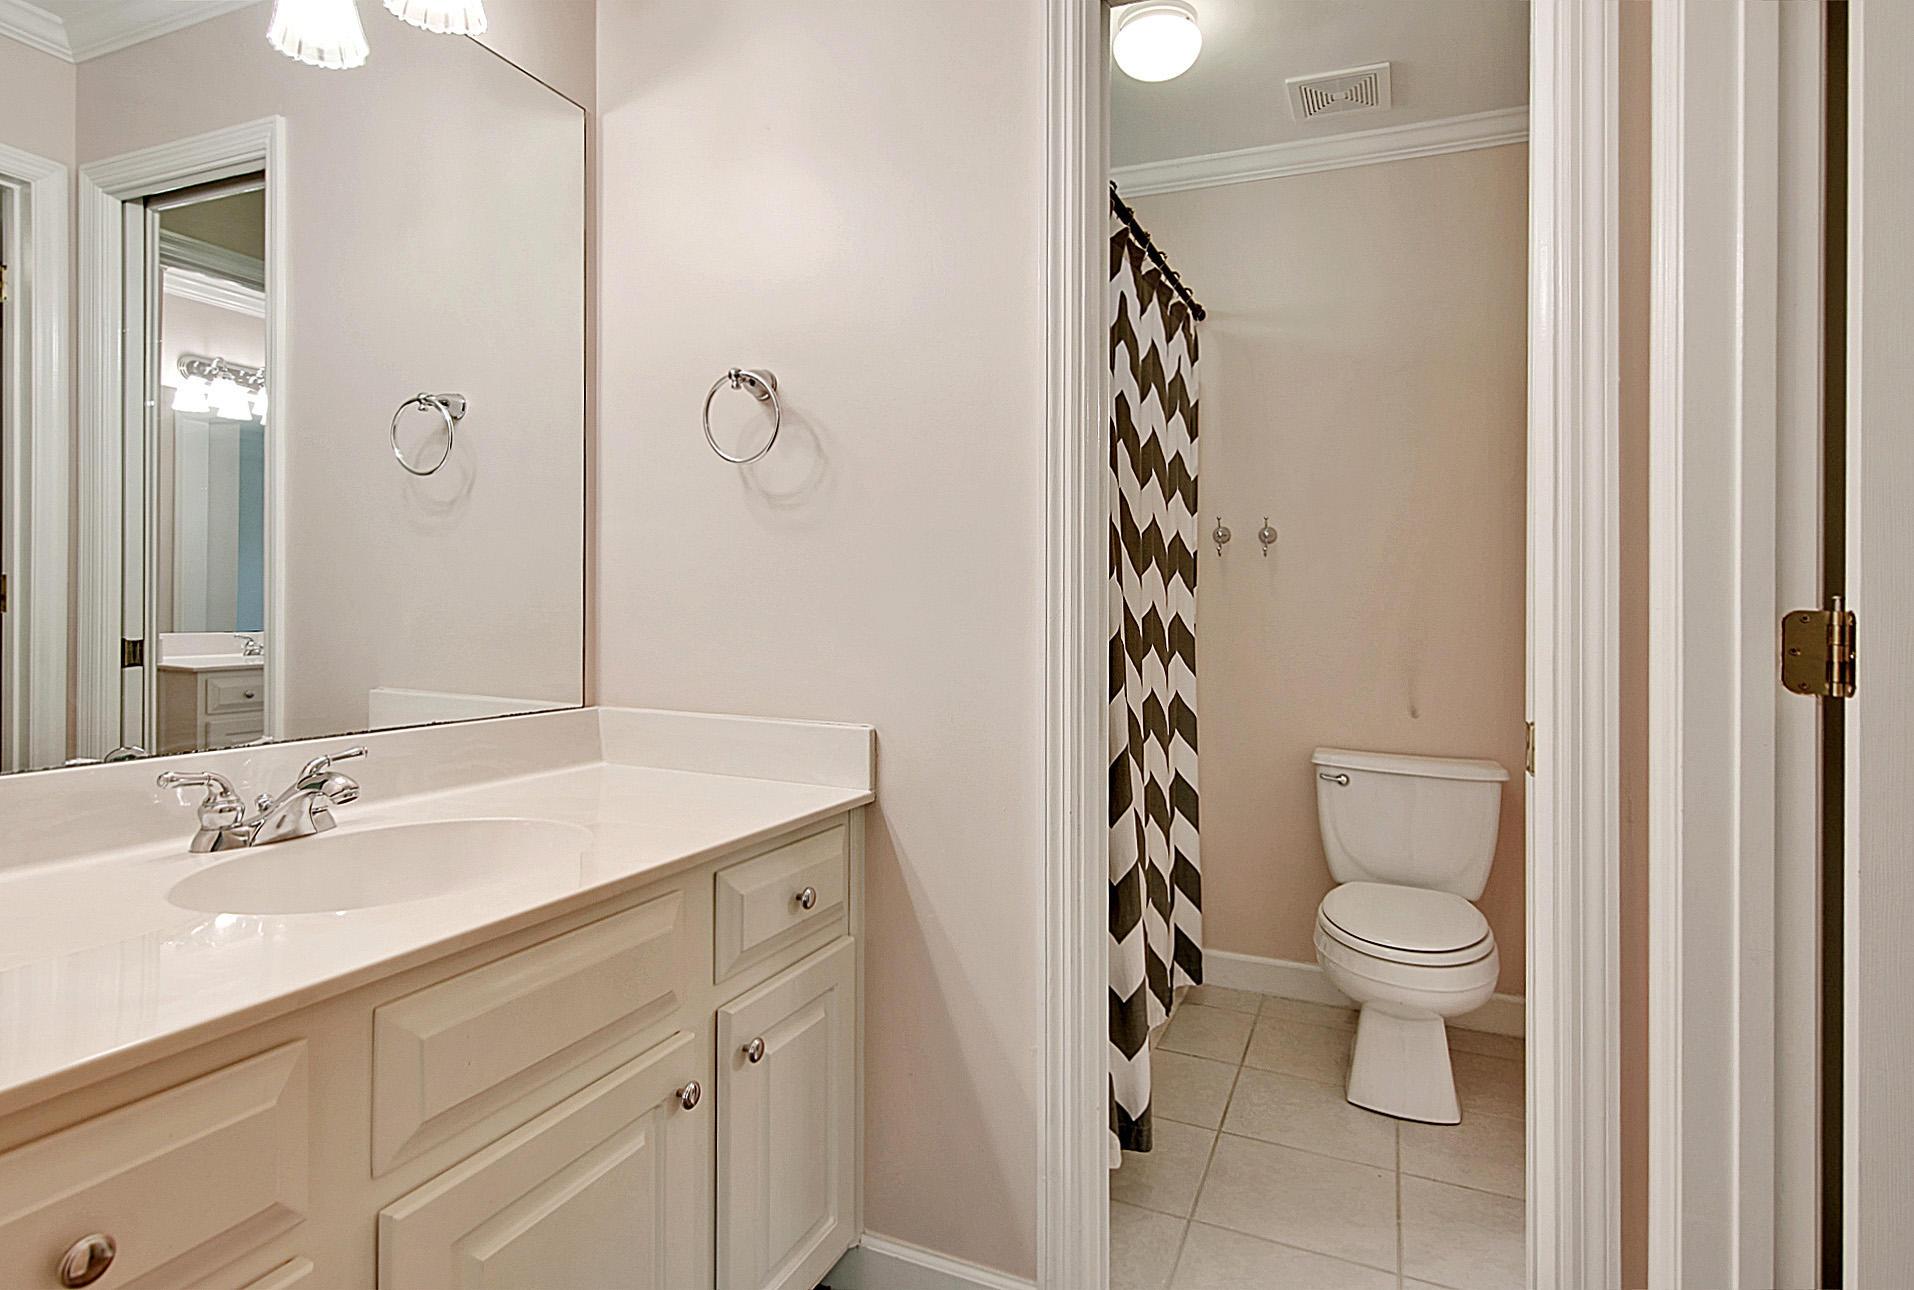 Dunes West Homes For Sale - 2236 Black Oak, Mount Pleasant, SC - 26